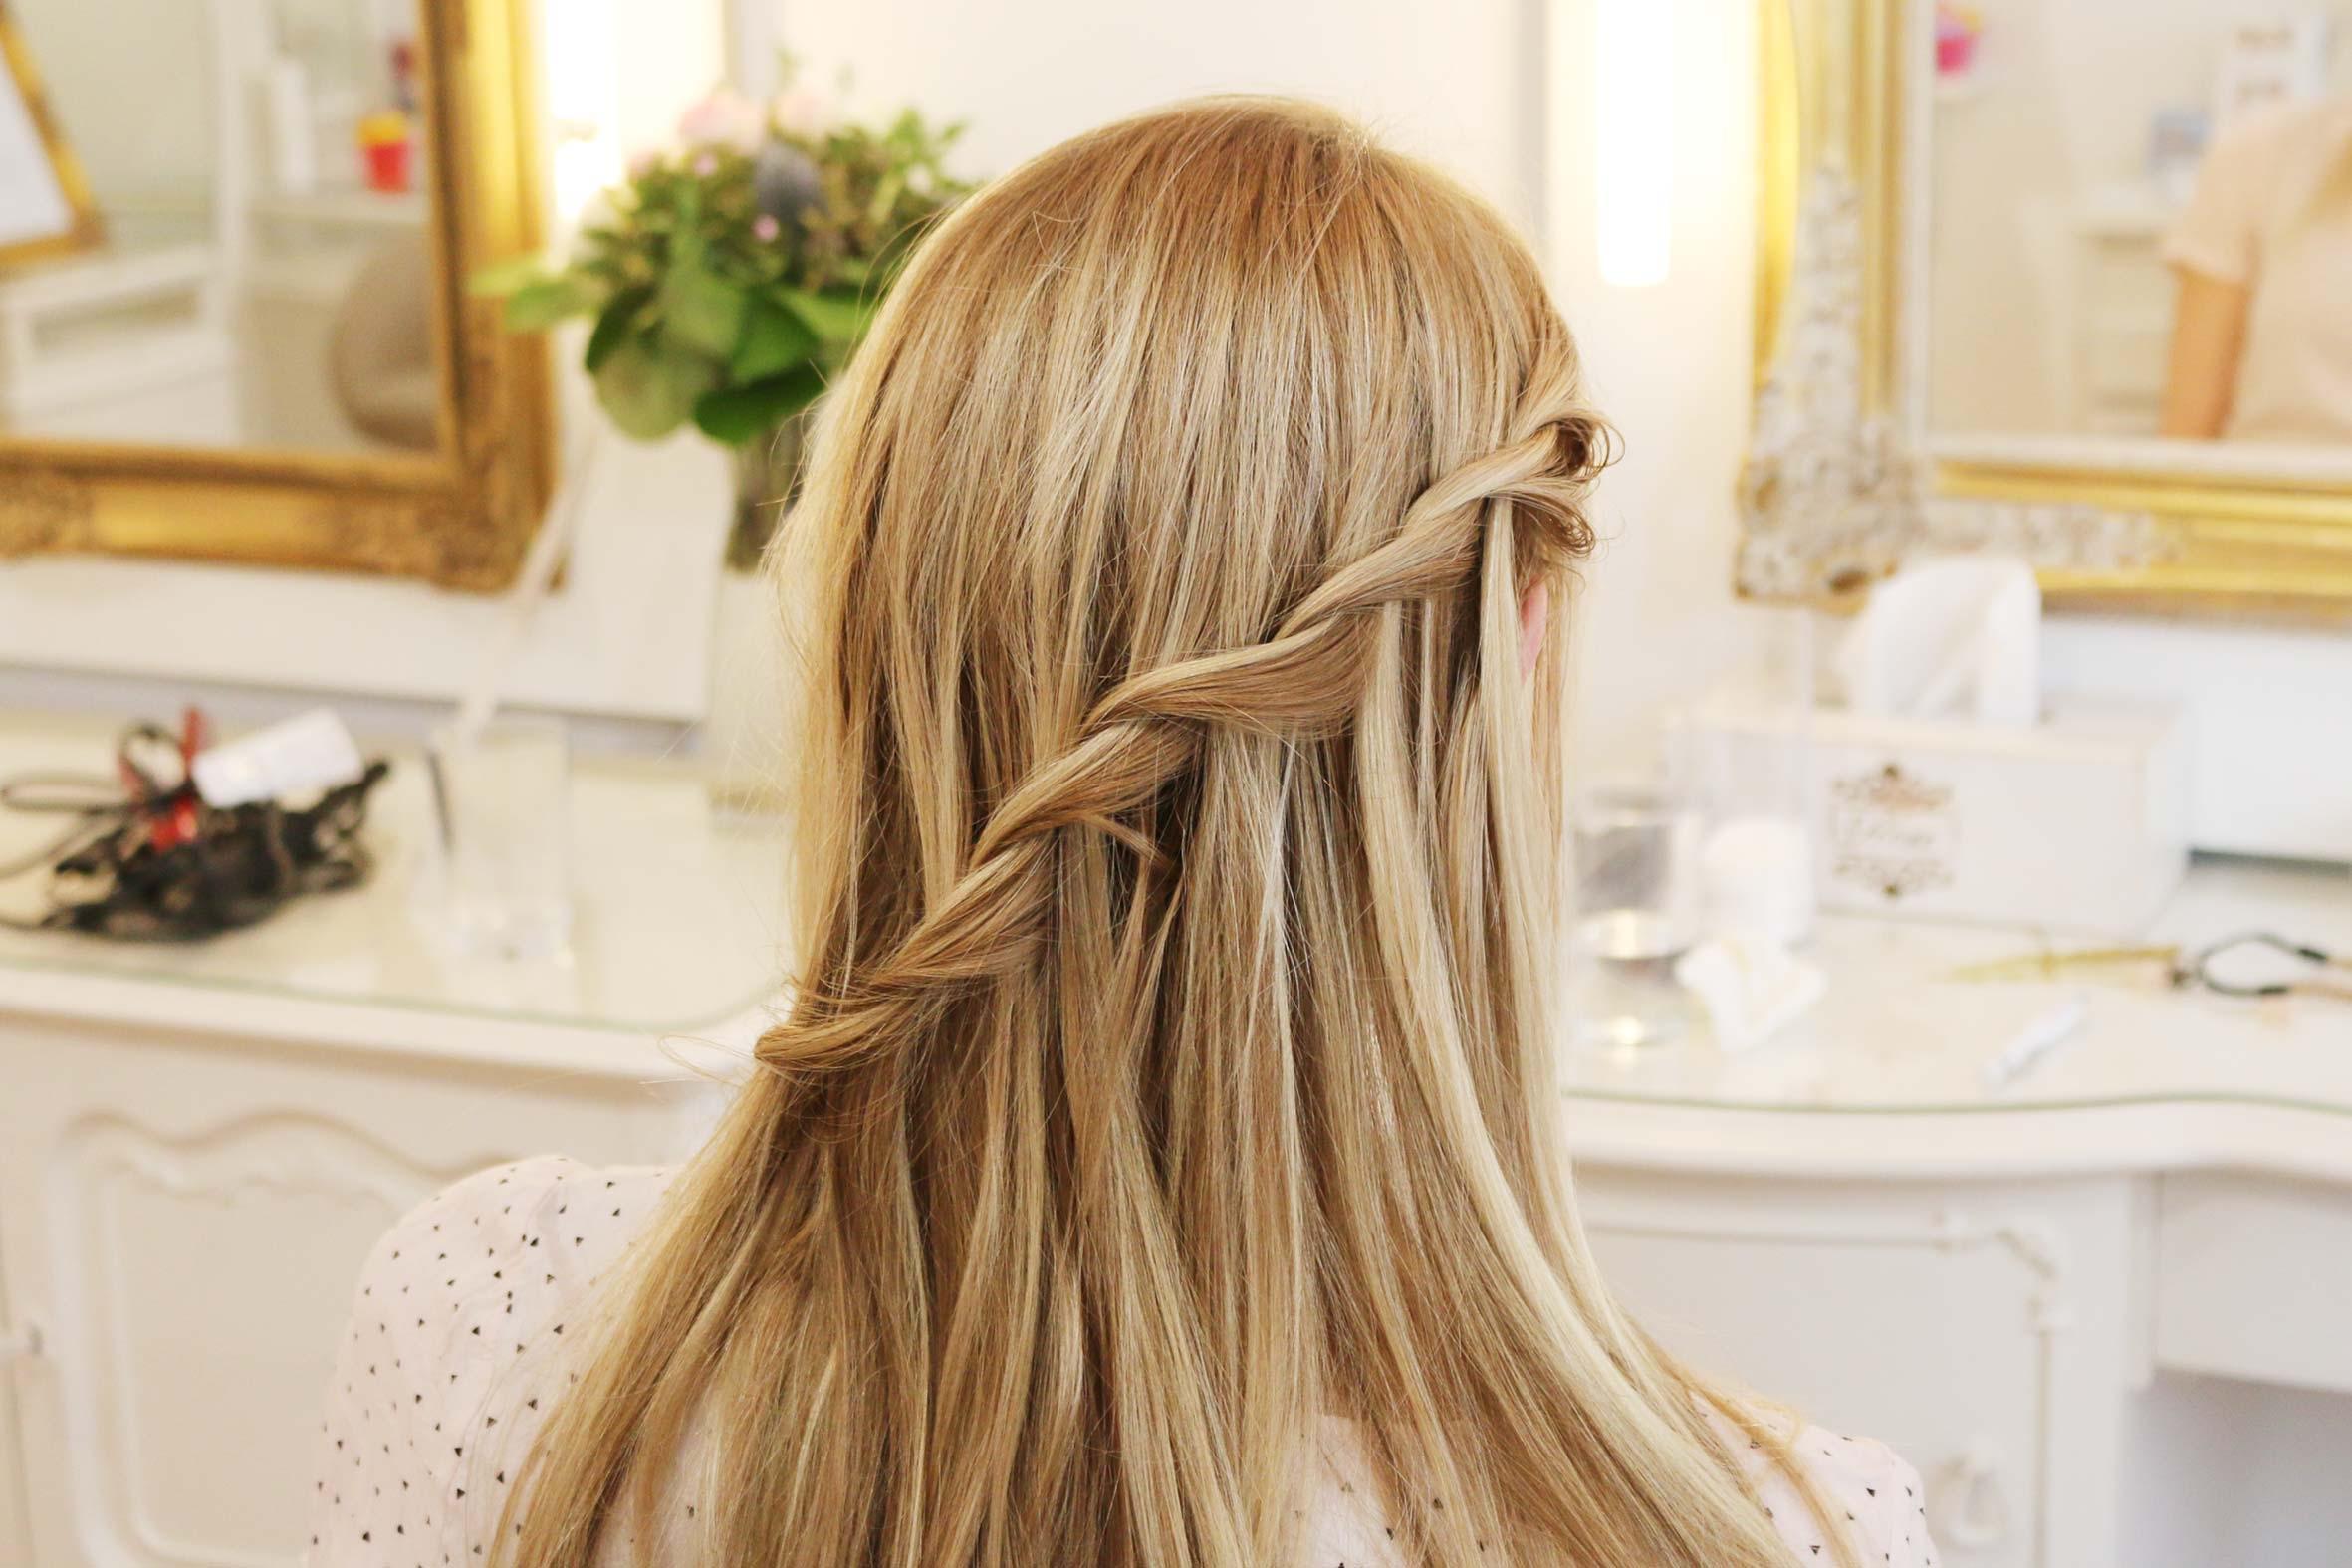 lerne im flecht frisuren kurs in berlin, dir in lange haare ein flechtelement einzubauen